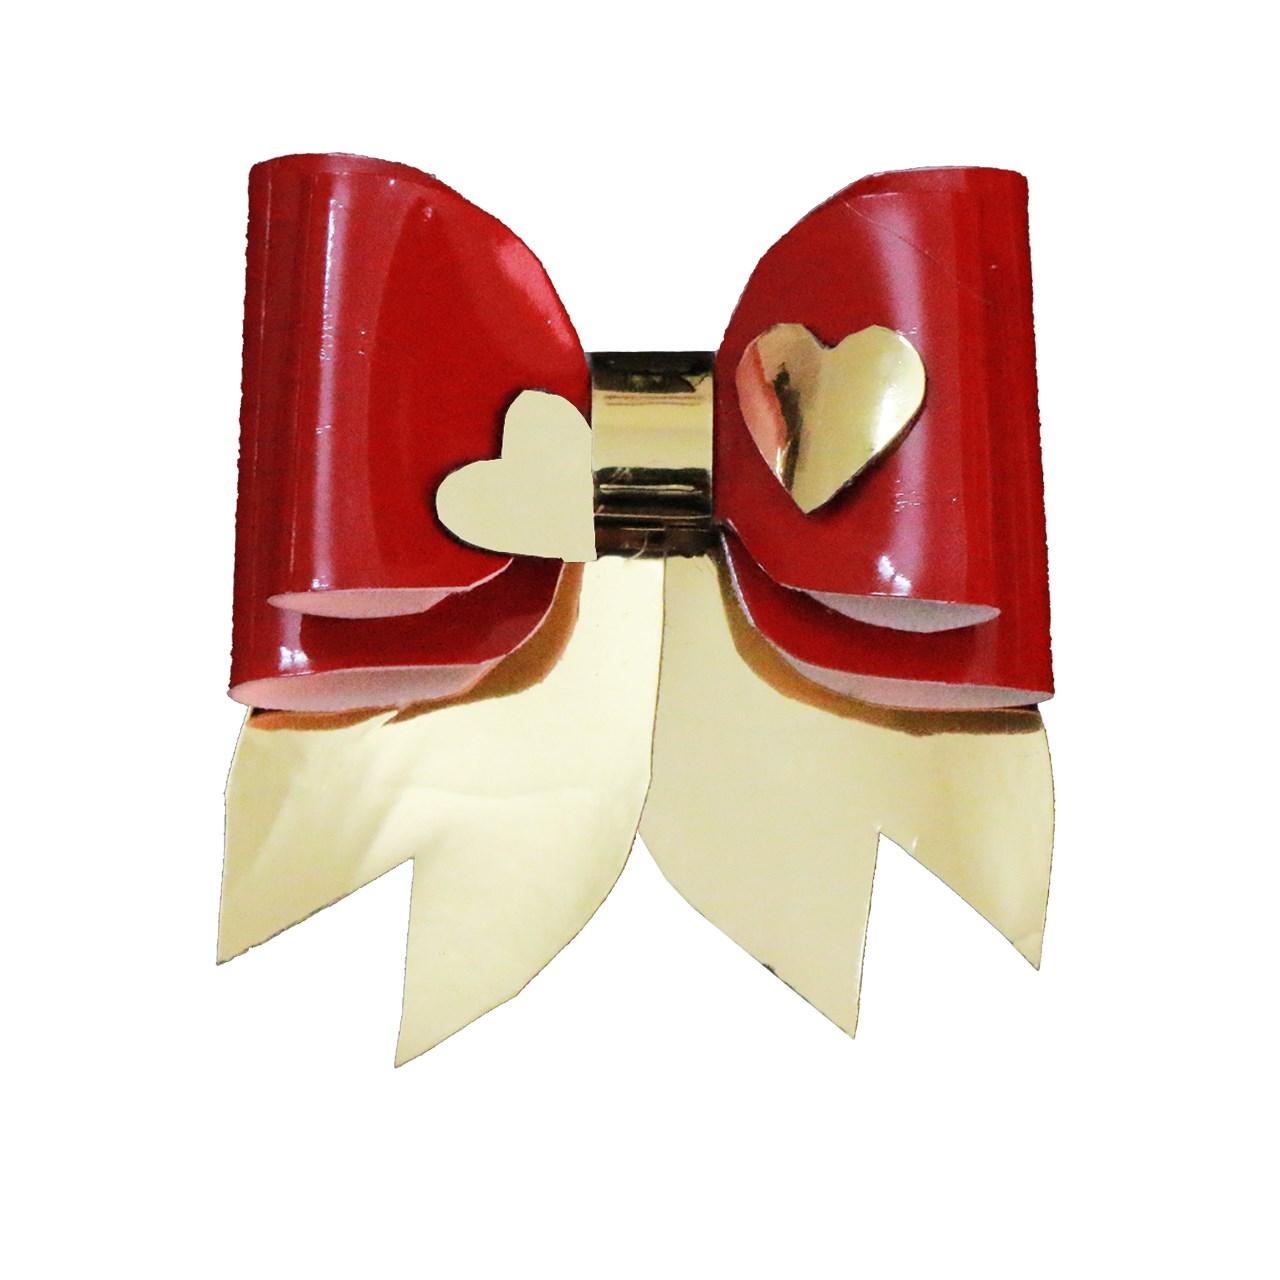 گیره سر پاپیونی  مدل قلب